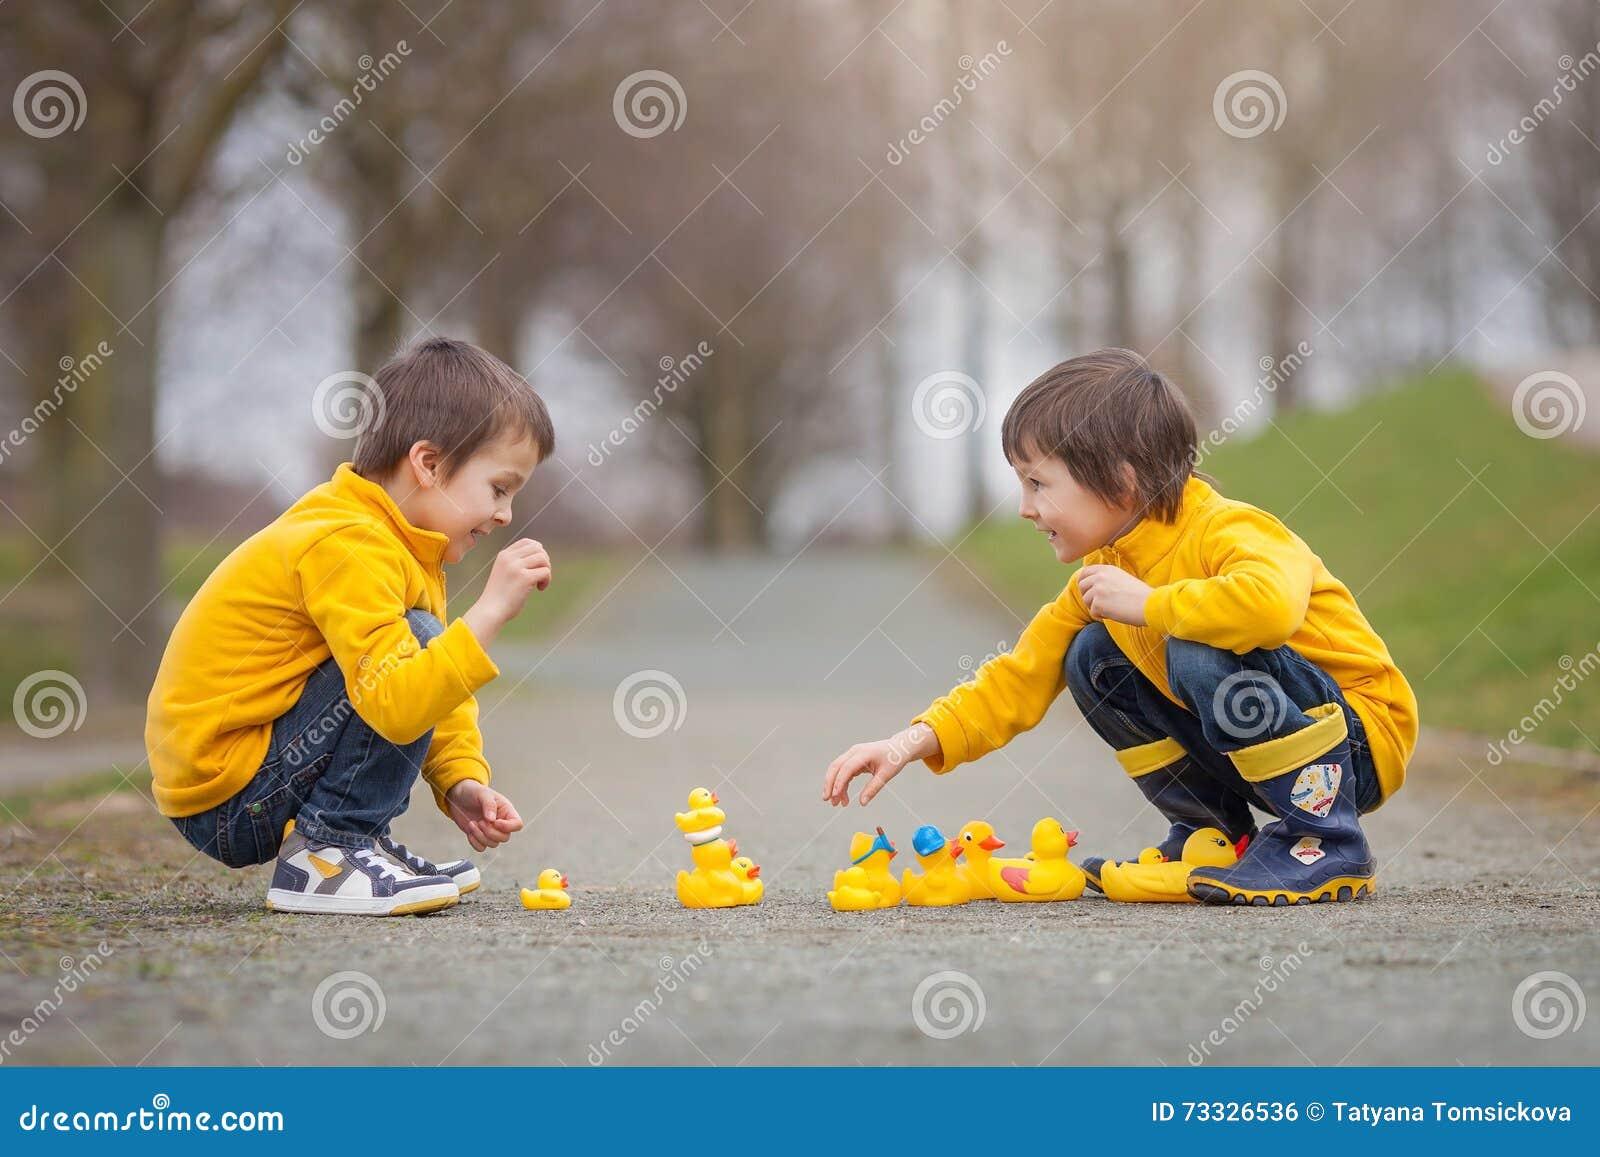 Dwa uroczego dziecka, chłopiec bracia, bawić się w parku z gumą